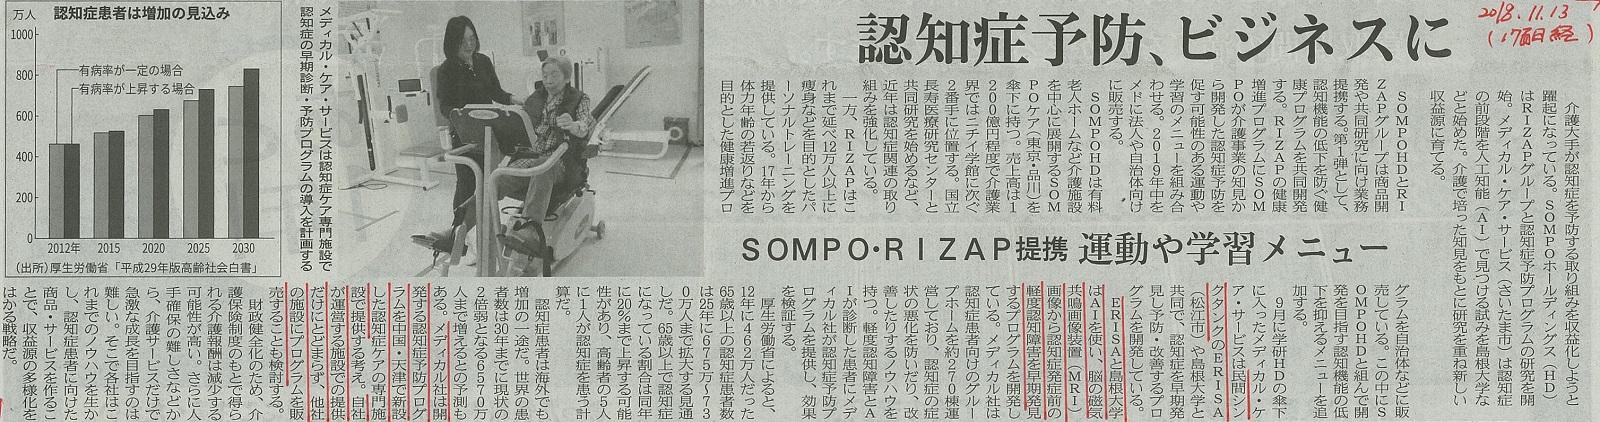 日本経済新聞 認知症予防、ビジネスに 11.13.jpg